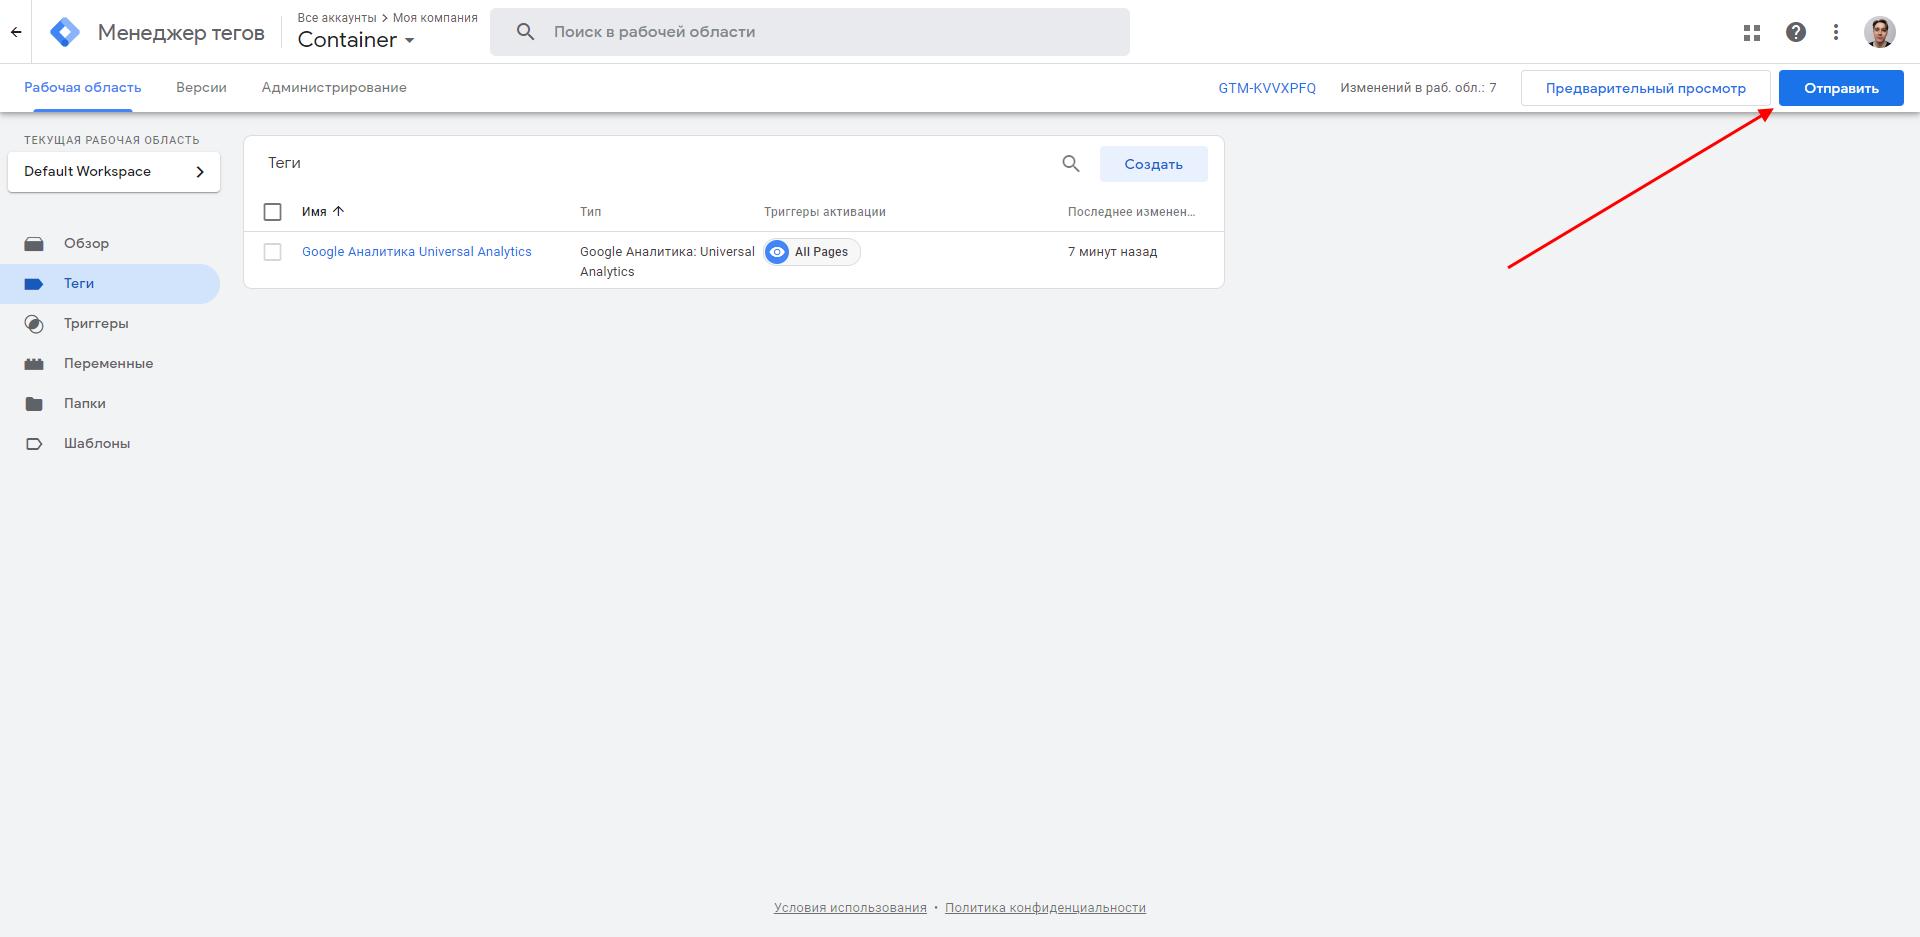 Как опубликовать контейнер в Google Tag Manager